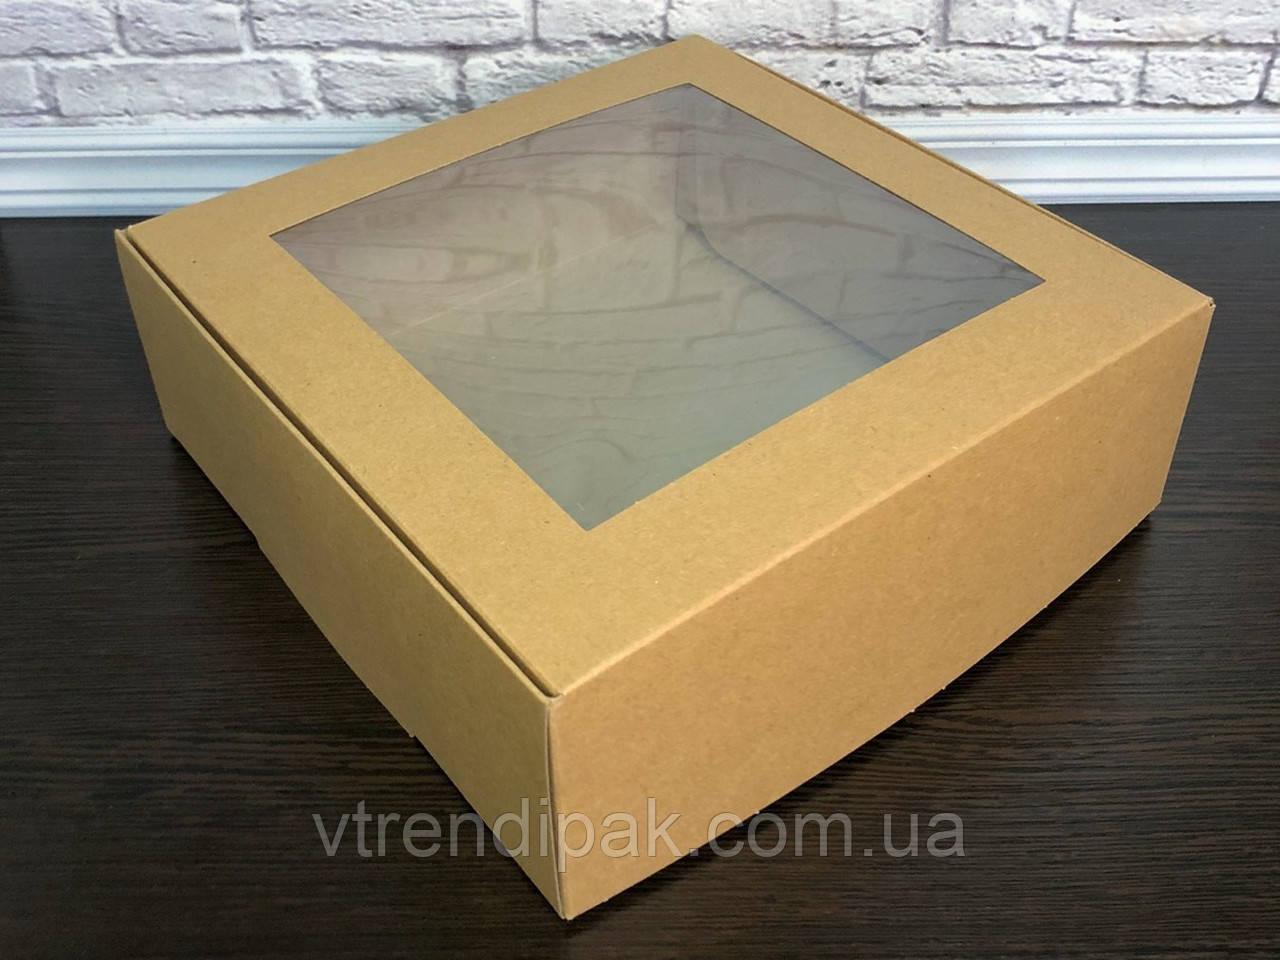 Коробка для десертів з вікном 200*200*70 КРАФТ